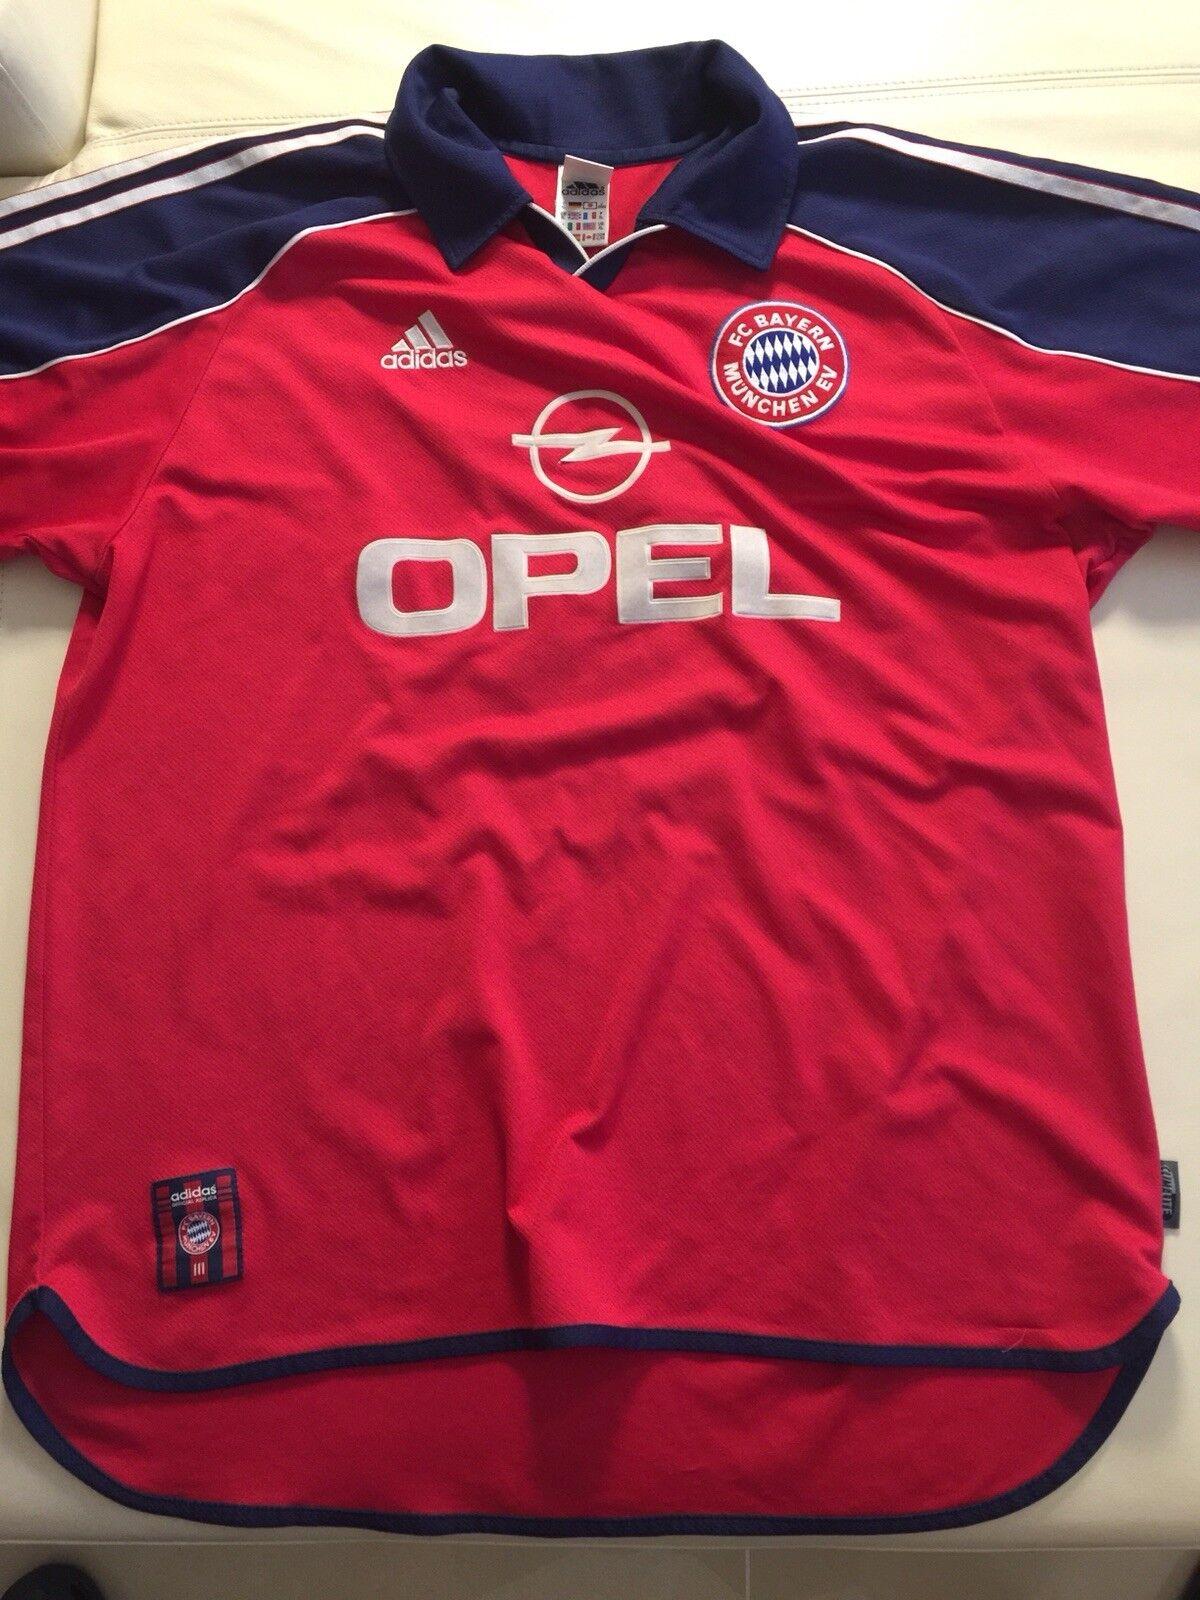 Bayern münchen trikot Opel XL XL XL Elber 1999 2000 17d232